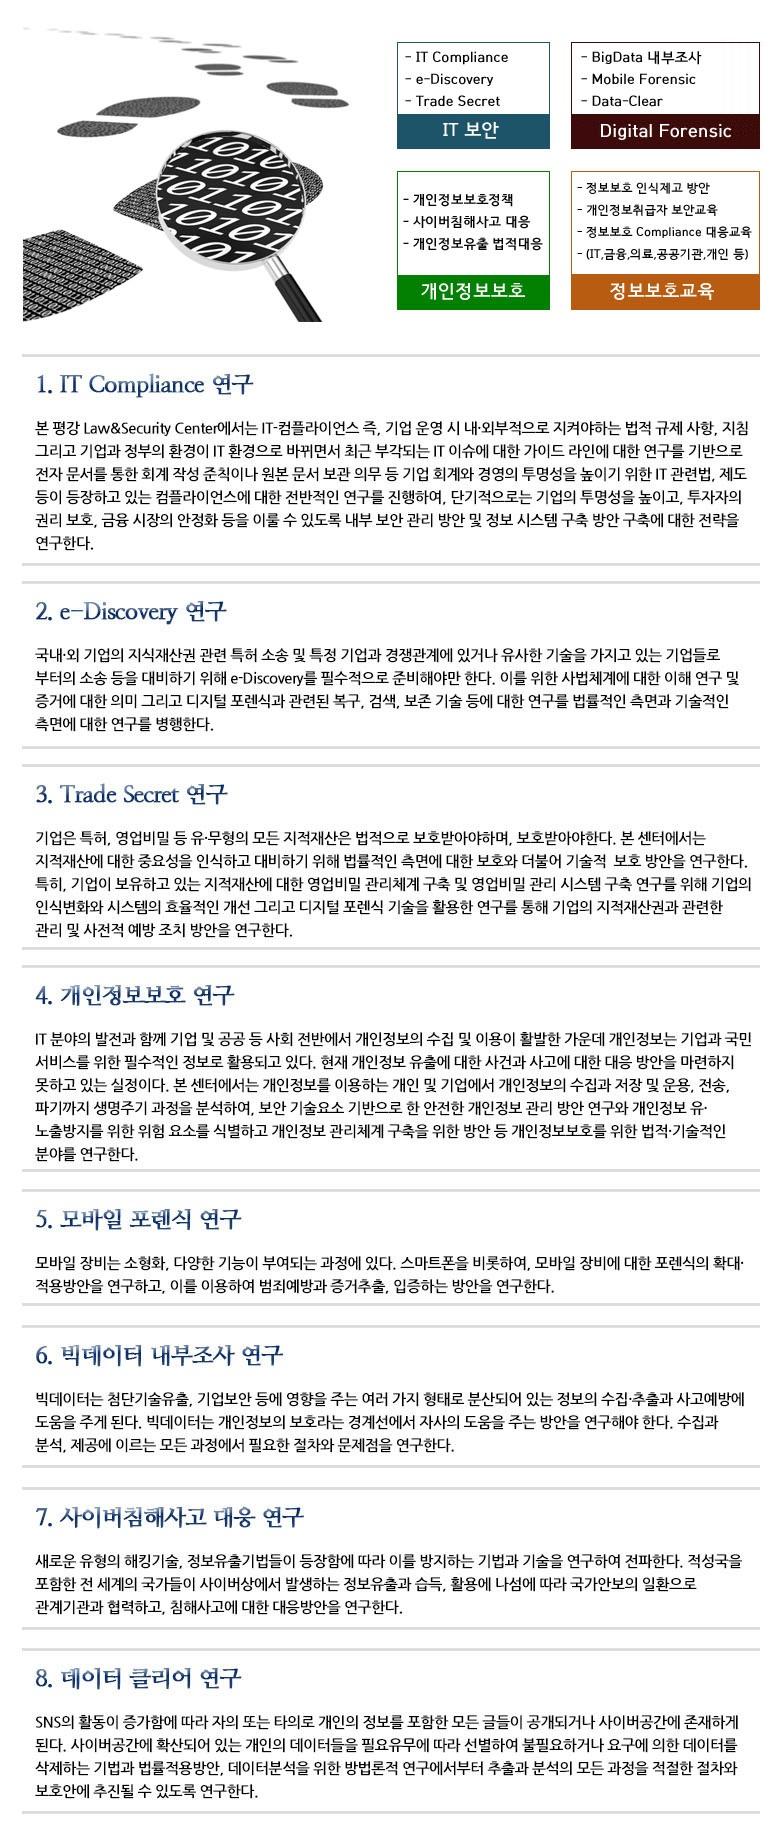 연구분야_slscenter